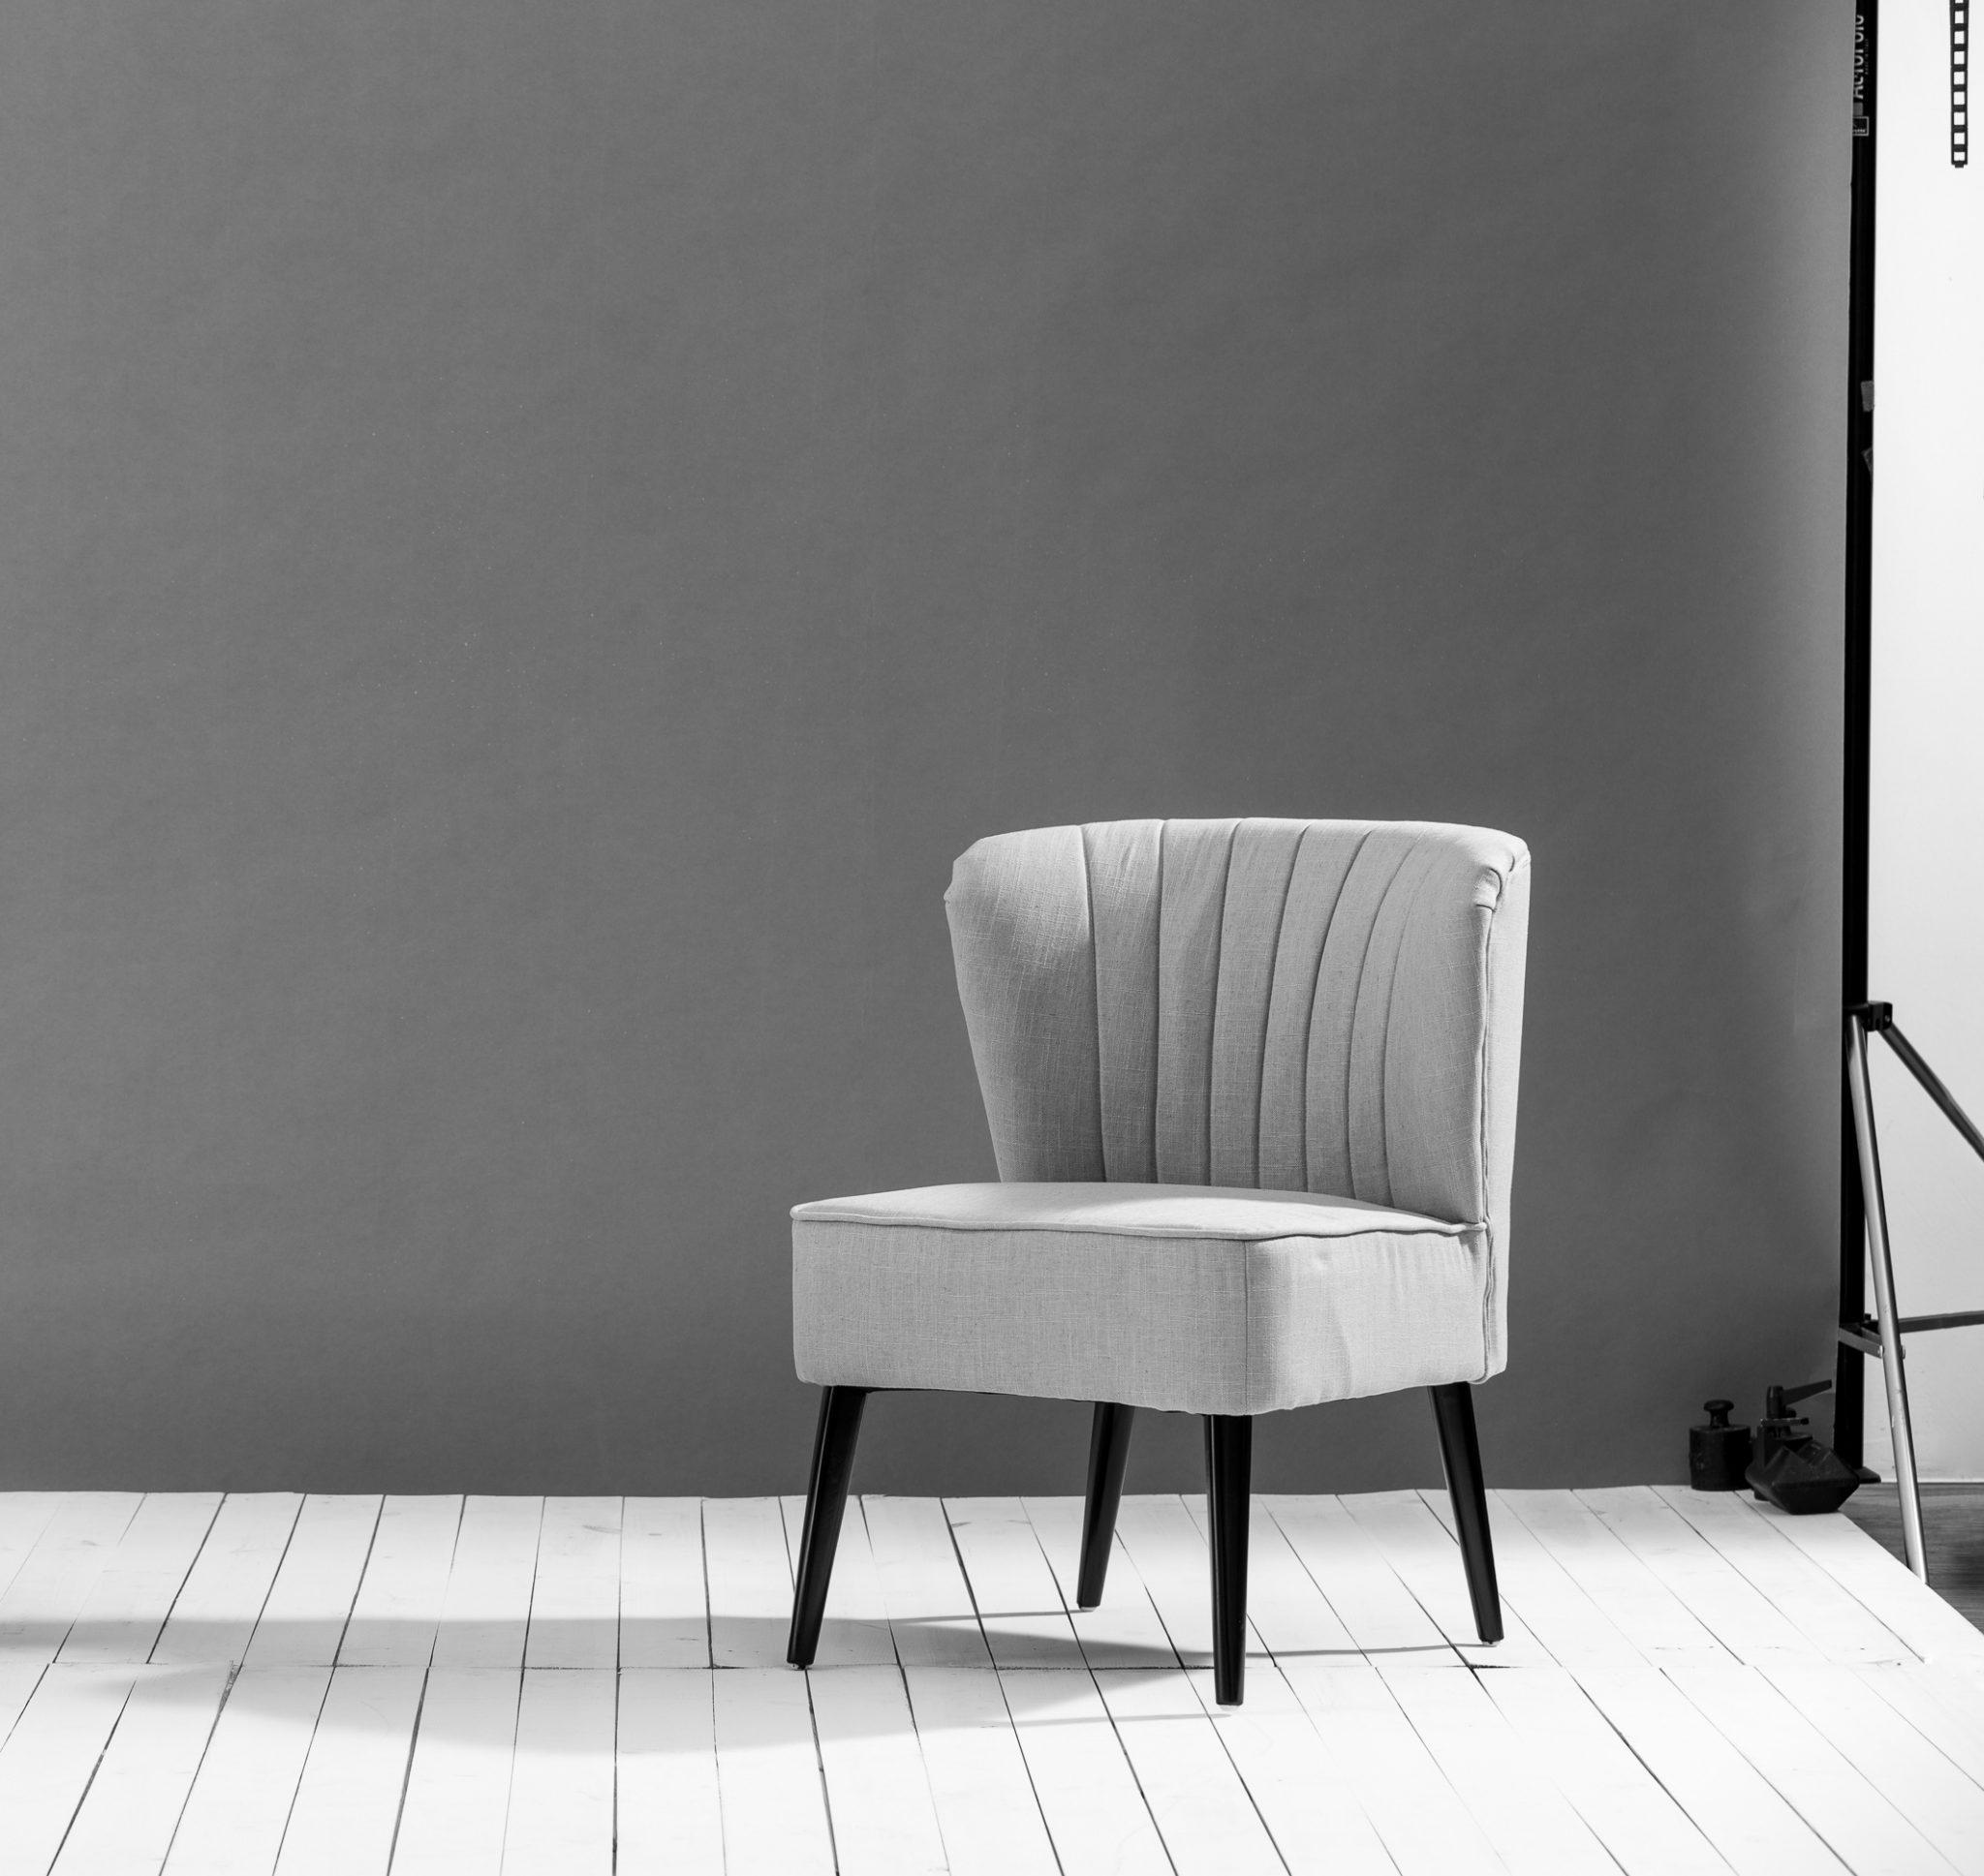 renee del missier businessportraits und architekturfotografie